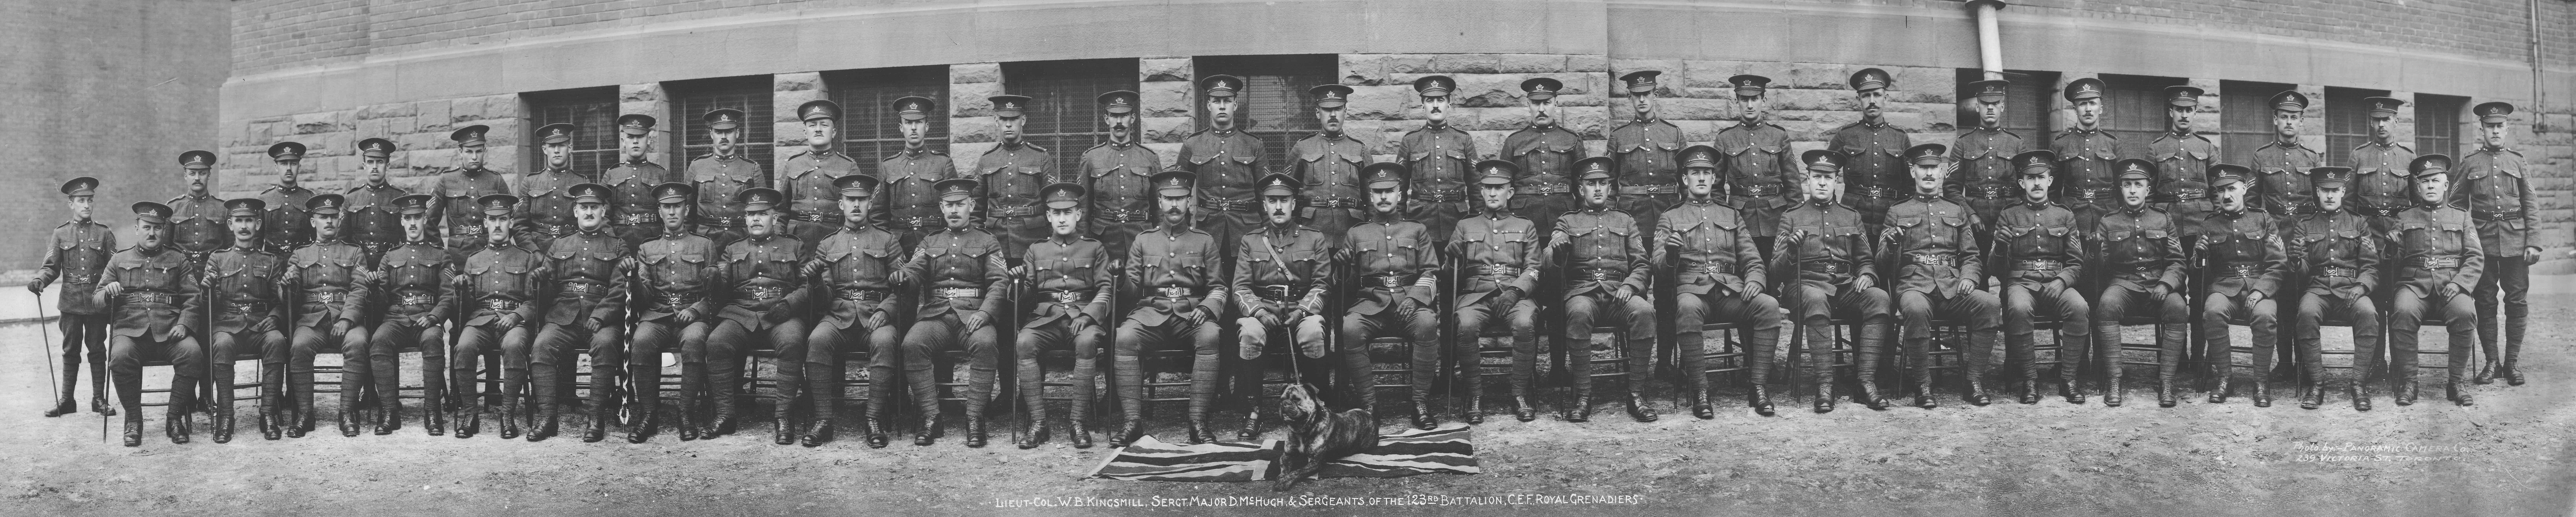 Sergeants